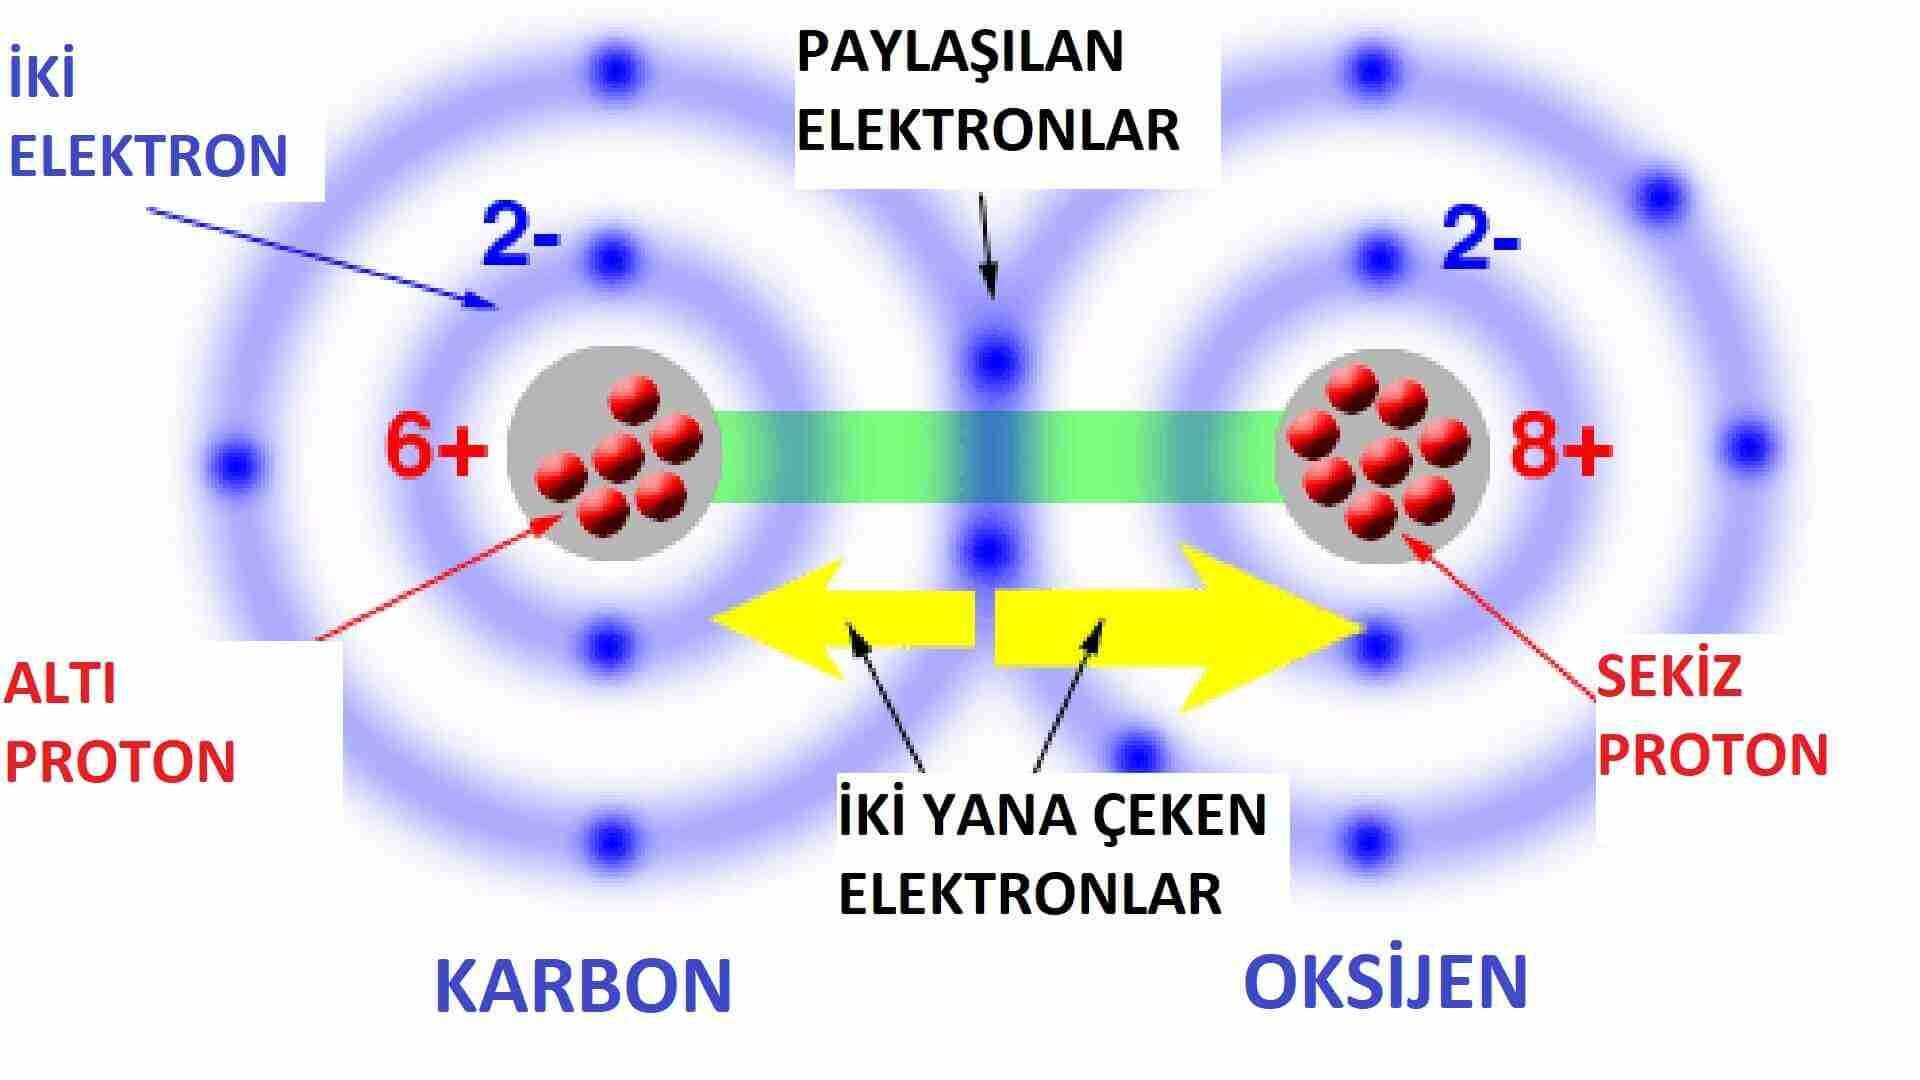 Elektron-spini-maddeyi-nasil-oluşturuyor